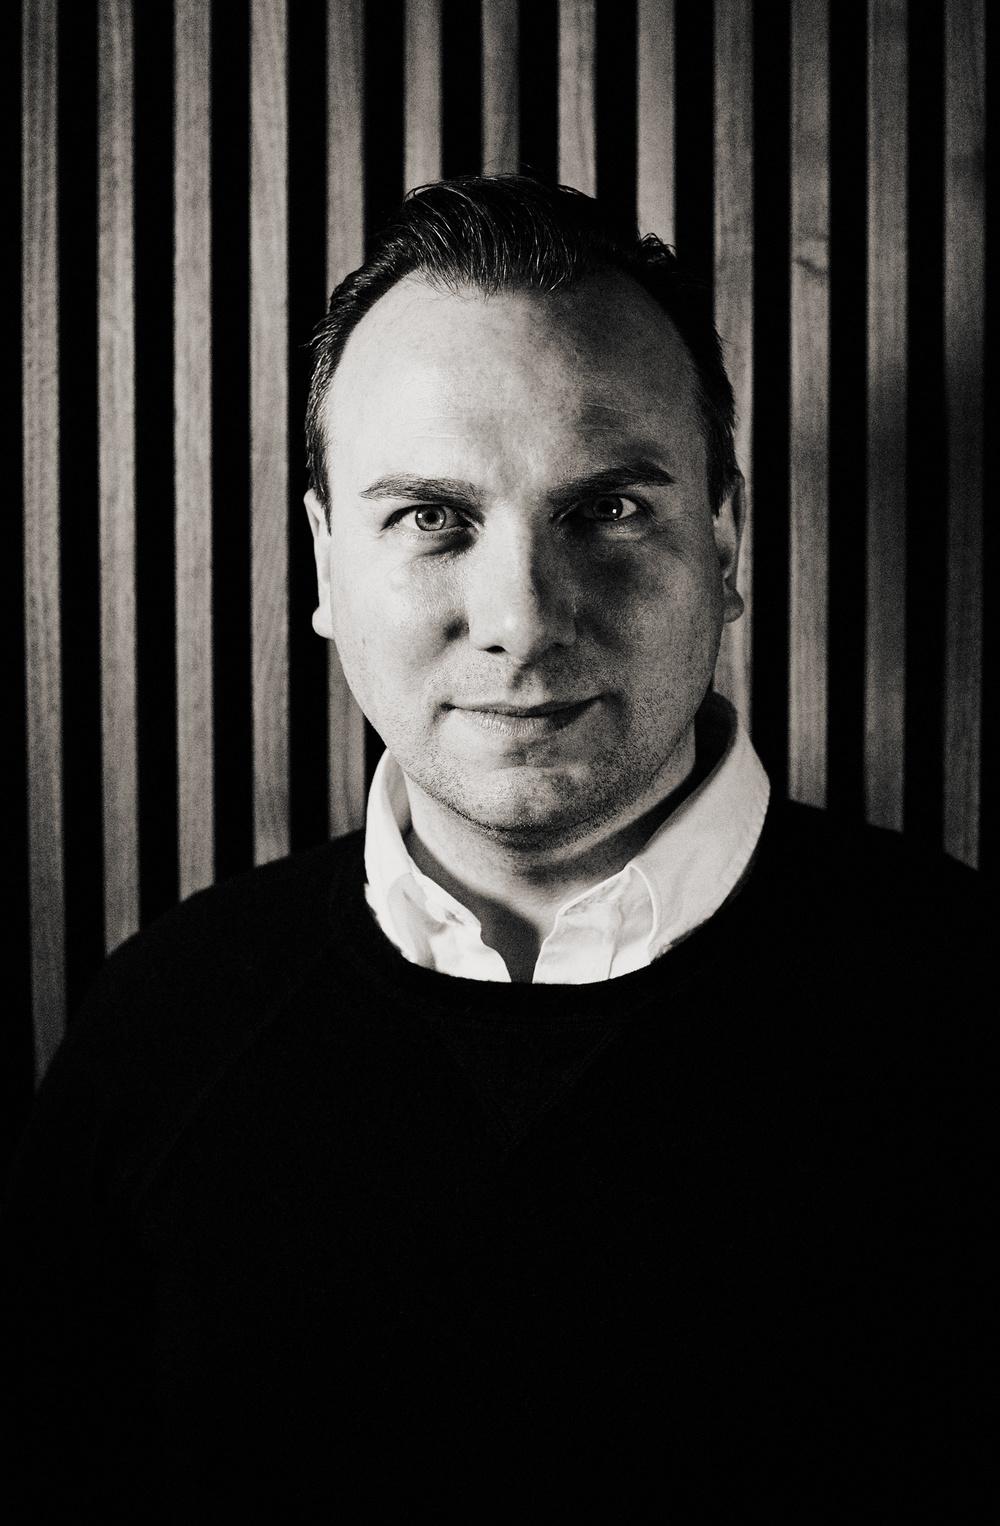 Tim Raue